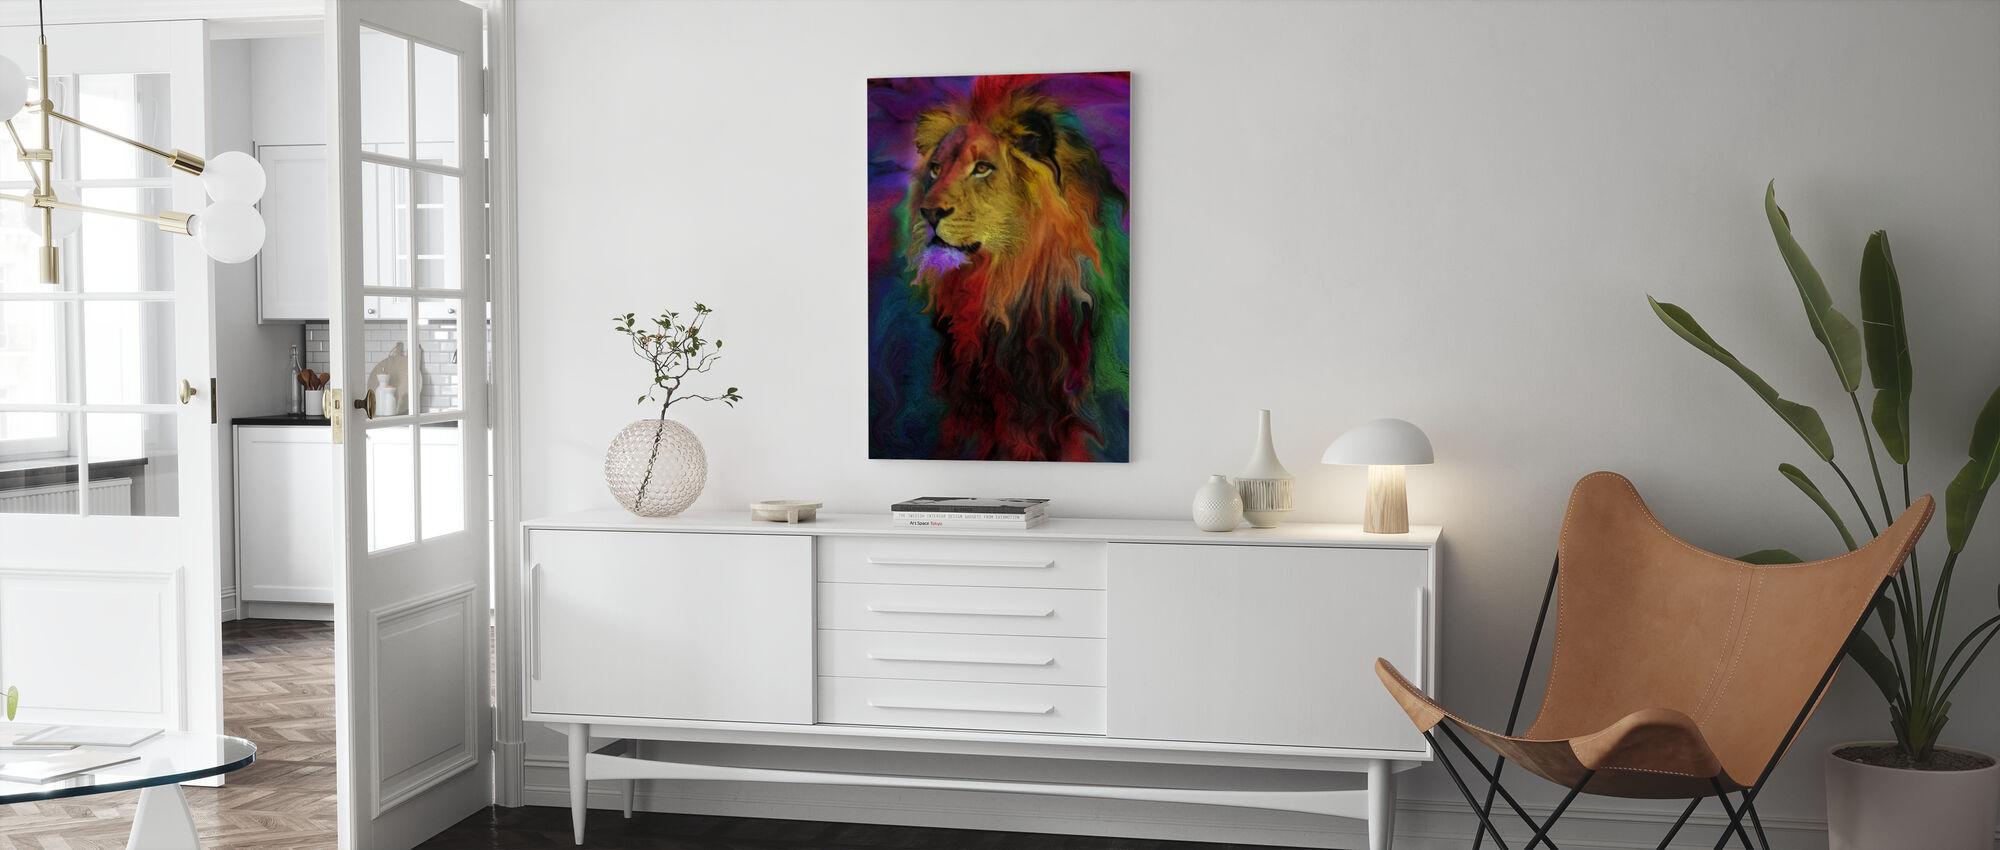 Regenboog Leeuw - Canvas print - Woonkamer